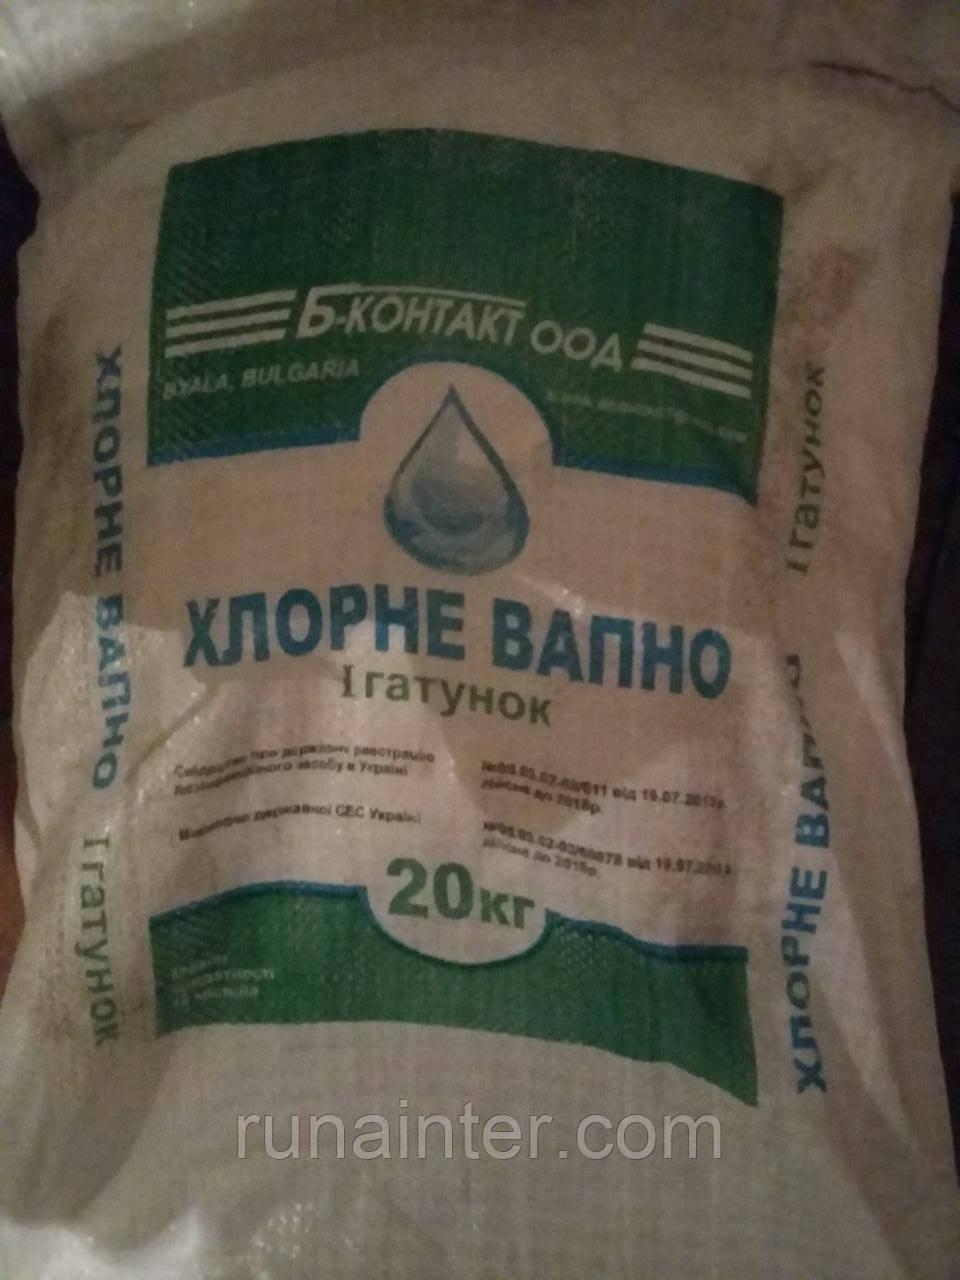 Известь хлорная 1 сорт, хлорка, хлорка Болгария, 20 кг.